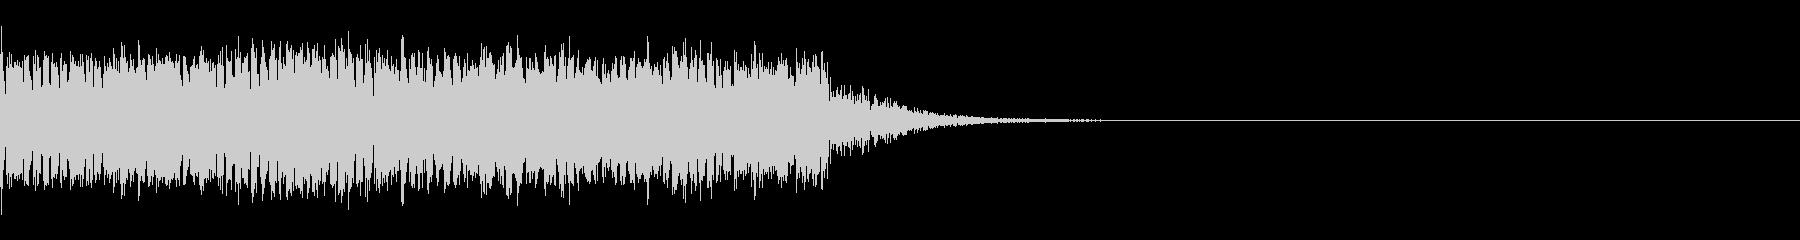 スパーク音-02の未再生の波形